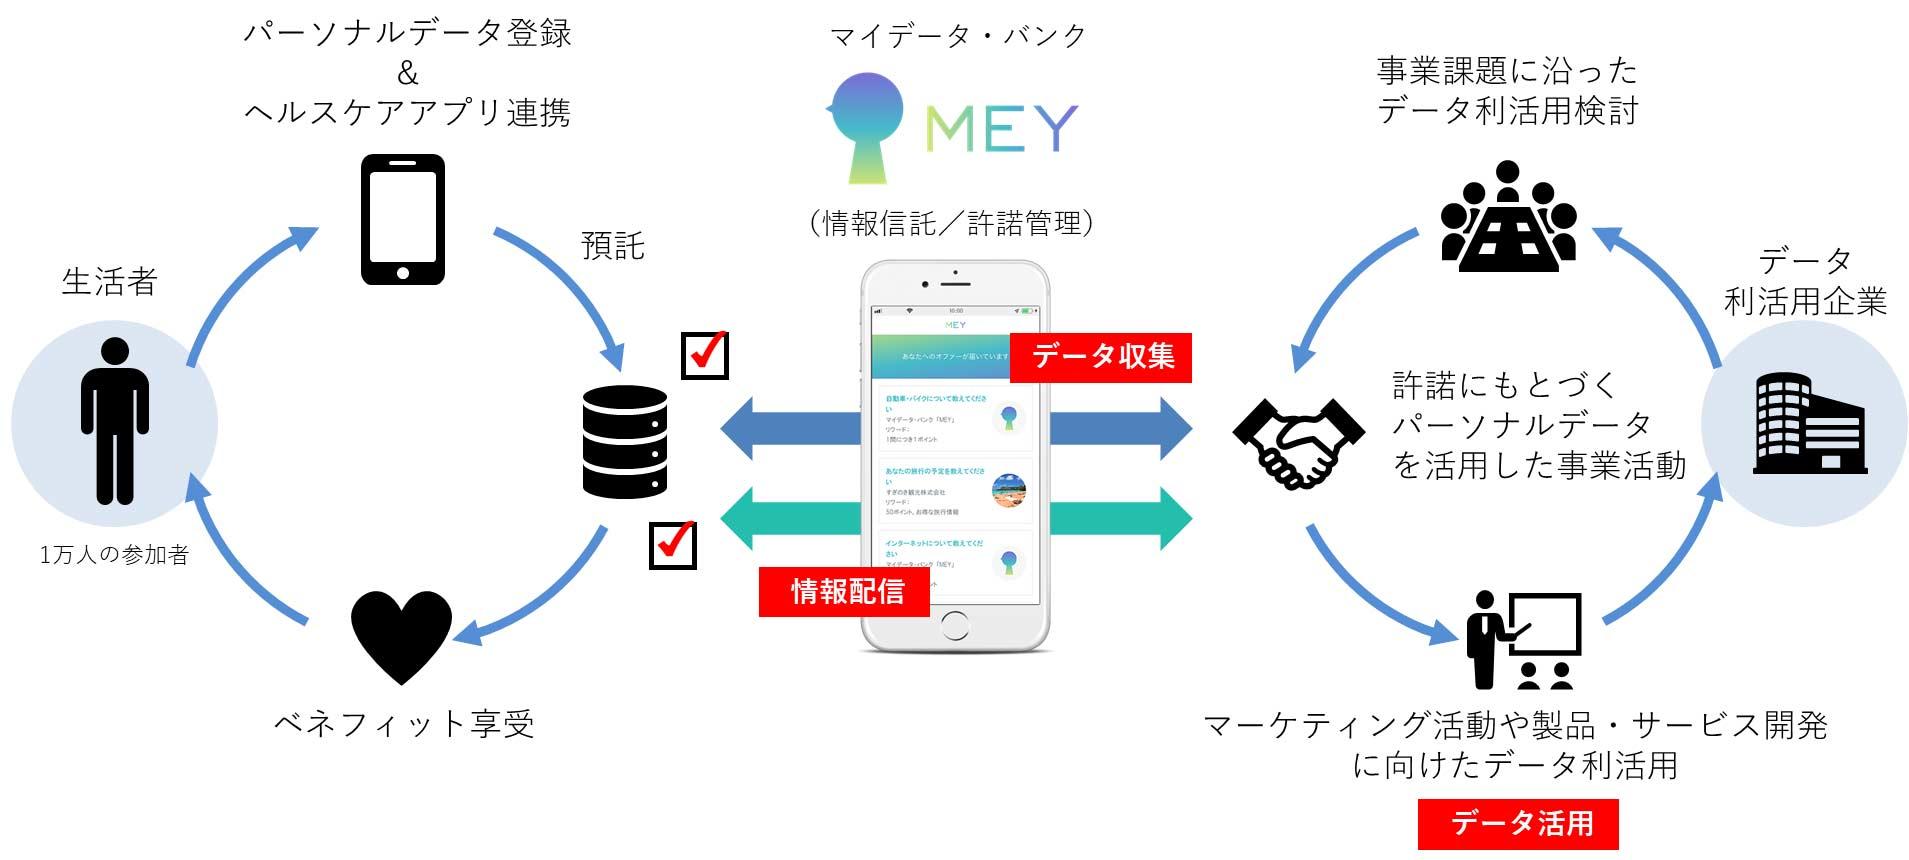 データ バンク mey マイ 情報銀行「MEY」の仕組みや使い方